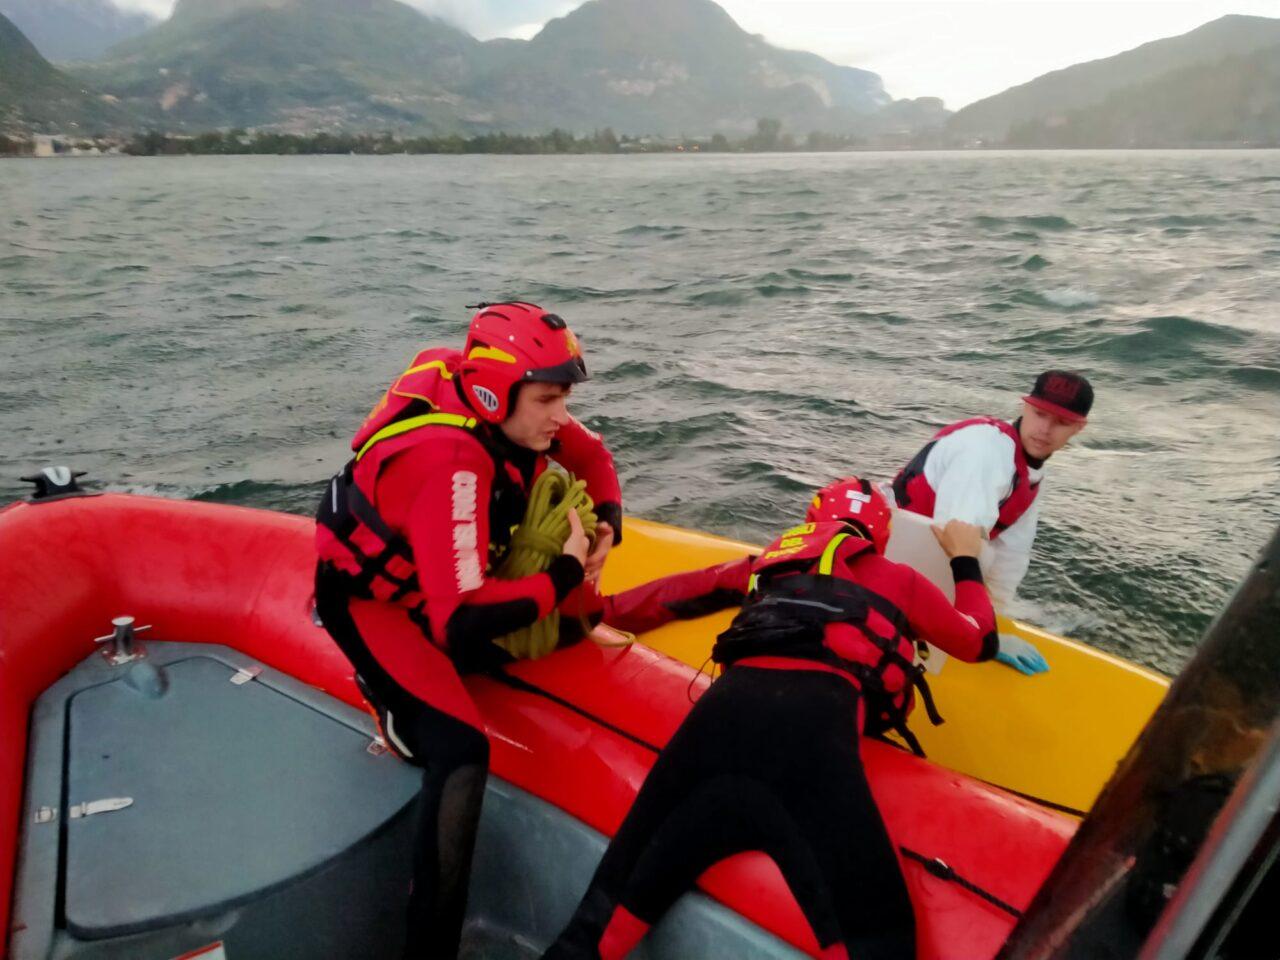 soccorso surf guardia costiera garda foto 6 vvf